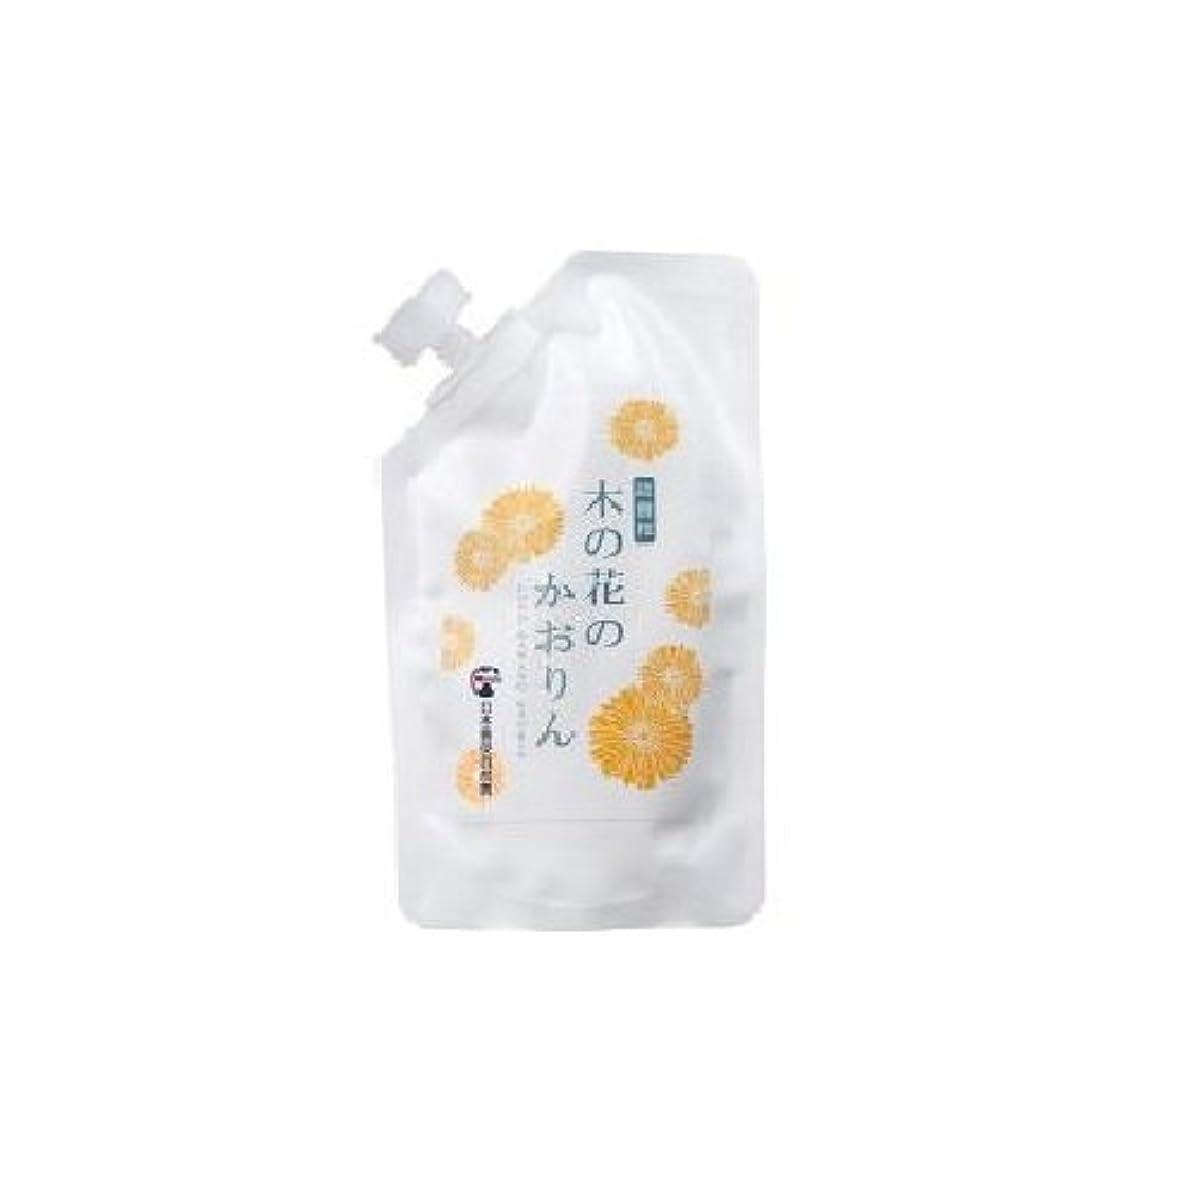 胃百科事典期間日本豊受自然農 木の花のかおりん(デオドラント)詰替用 100ml